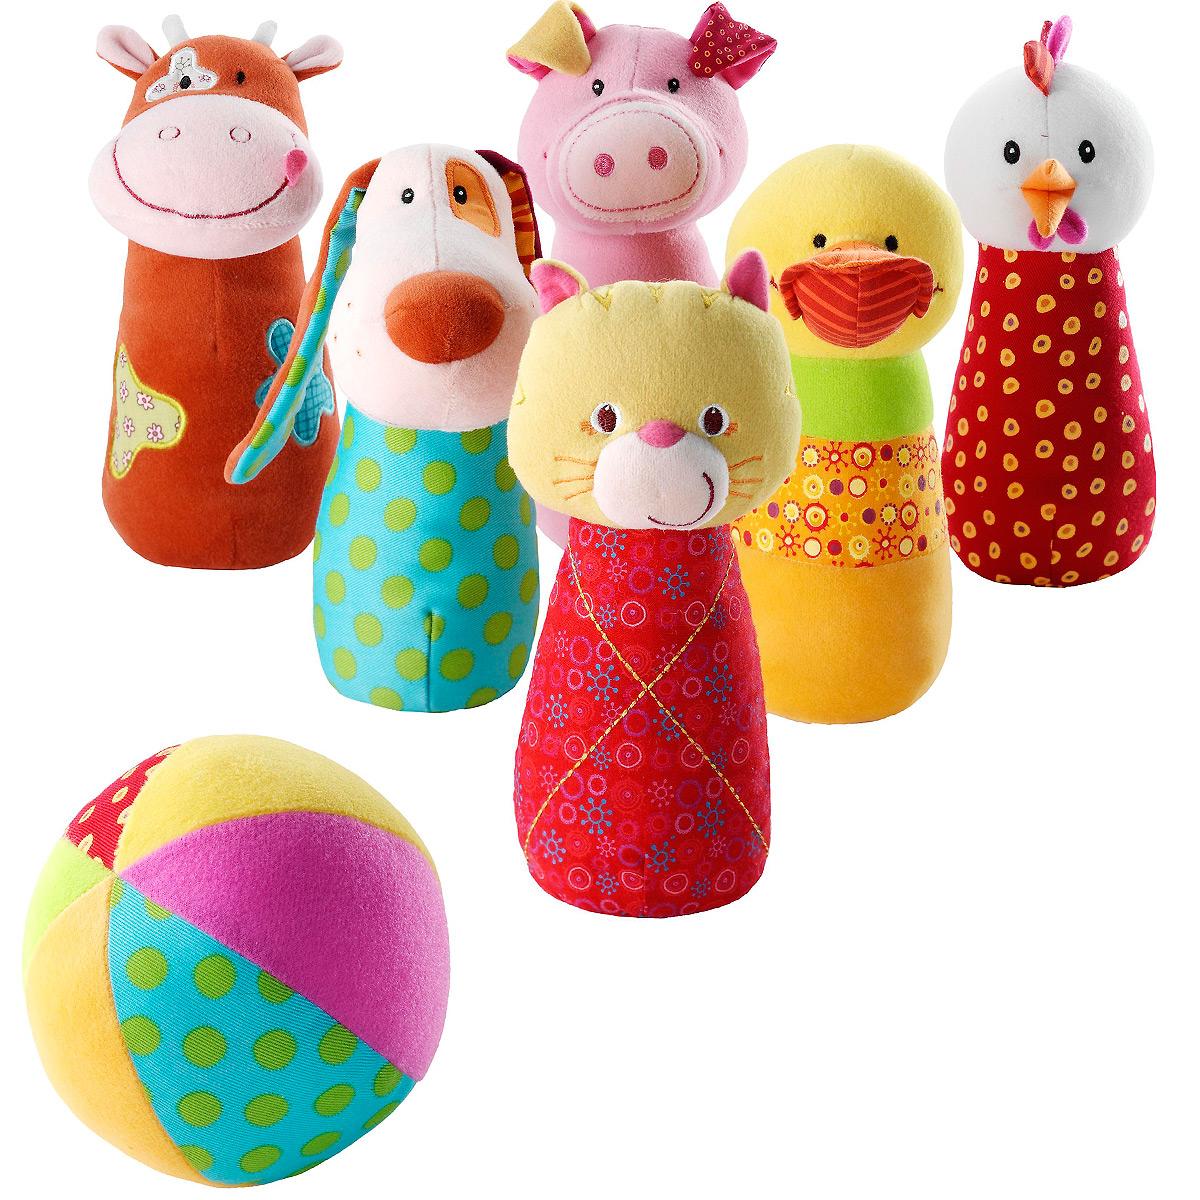 Игровой набор Lilliputiens Боулинг86280Игровой набор Lilliputiens Боулинг подарит вашему ребенку массу положительных эмоций. Набор выполнен из текстильного материала разных цветов и фактур и включает в себя шесть кеглей разных цветов и мячик. Необходимо расставить кегли и сбить как можно больше, запустив в них мяч. Кегли выполнены в виде животных: котика, свинки, собачки, коровки, курочки и уточки. Гранулы в основании помогают кеглям устойчиво стоять на ровной поверхности. Ушки собачки весело шуршат. Внутри мяча расположена сфера, звенящая при тряске. Ваш ребенок с удовольствием будет играть в боулинг, развивая ловкость, меткость и координацию движений, а также познакомится с животными.